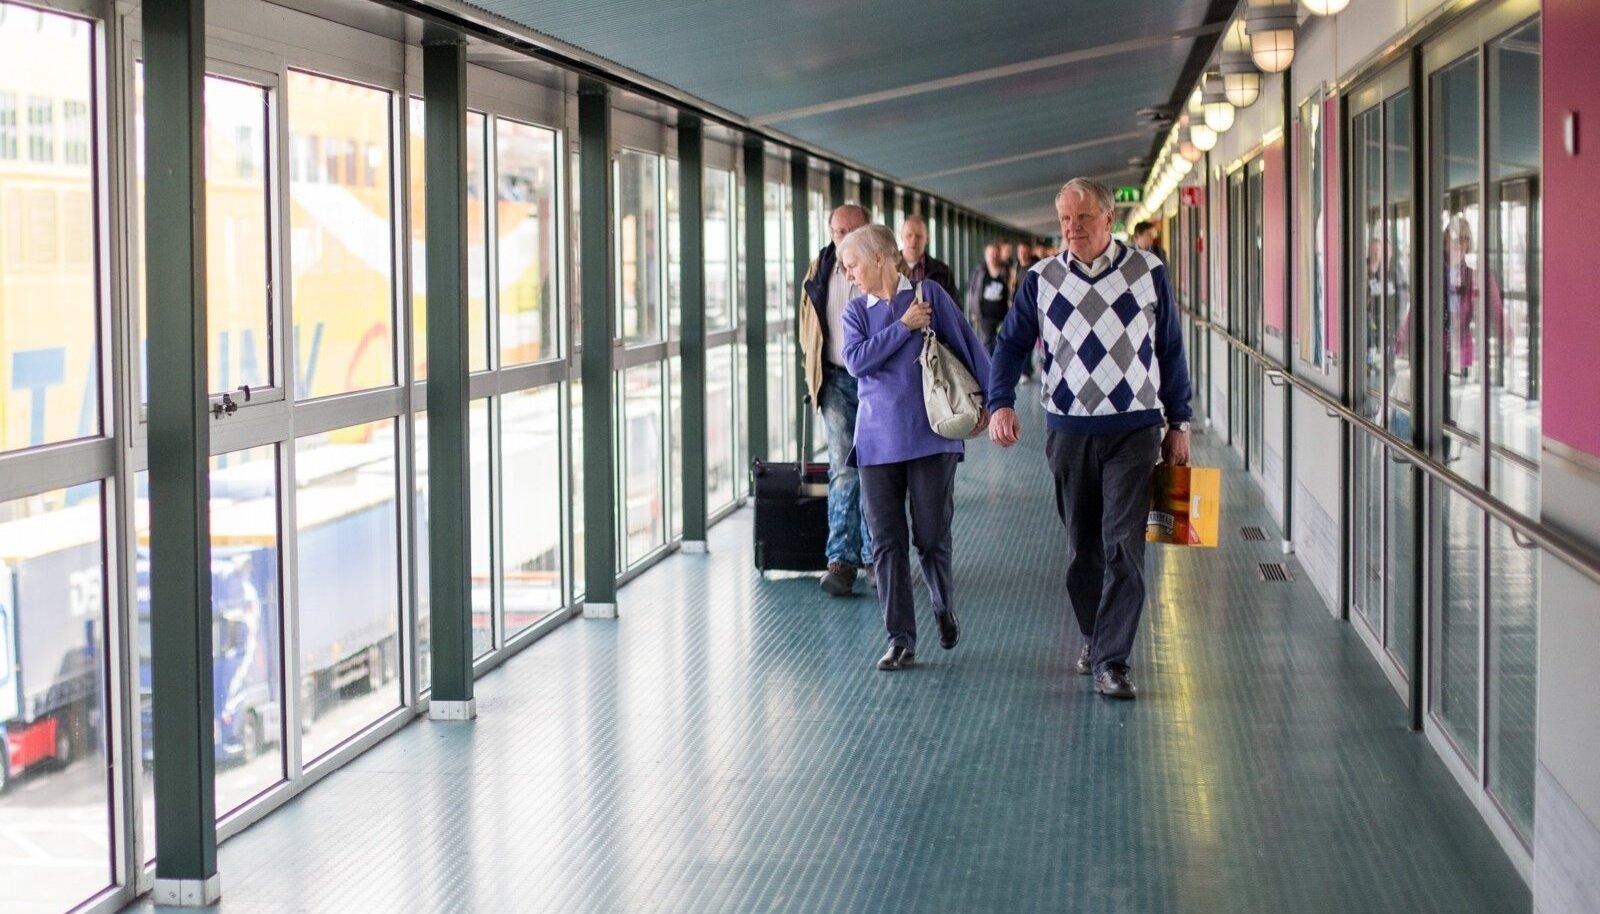 Soome turistid